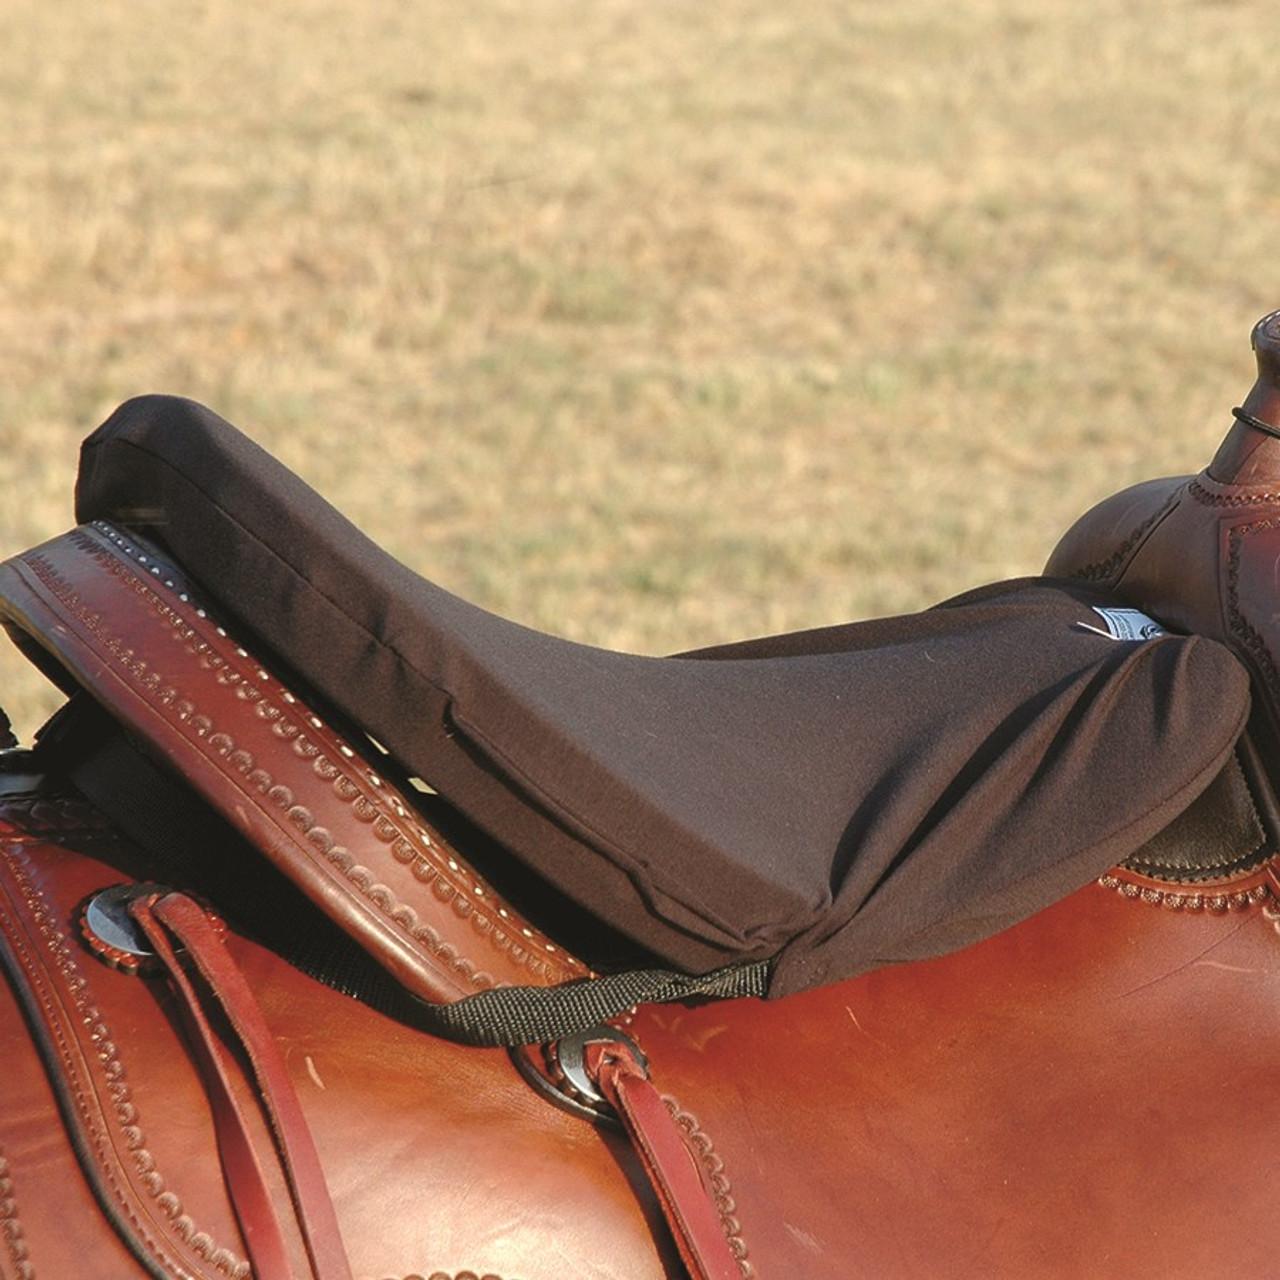 Cashel Luxury Western Tush Cushion Saddle Accessories